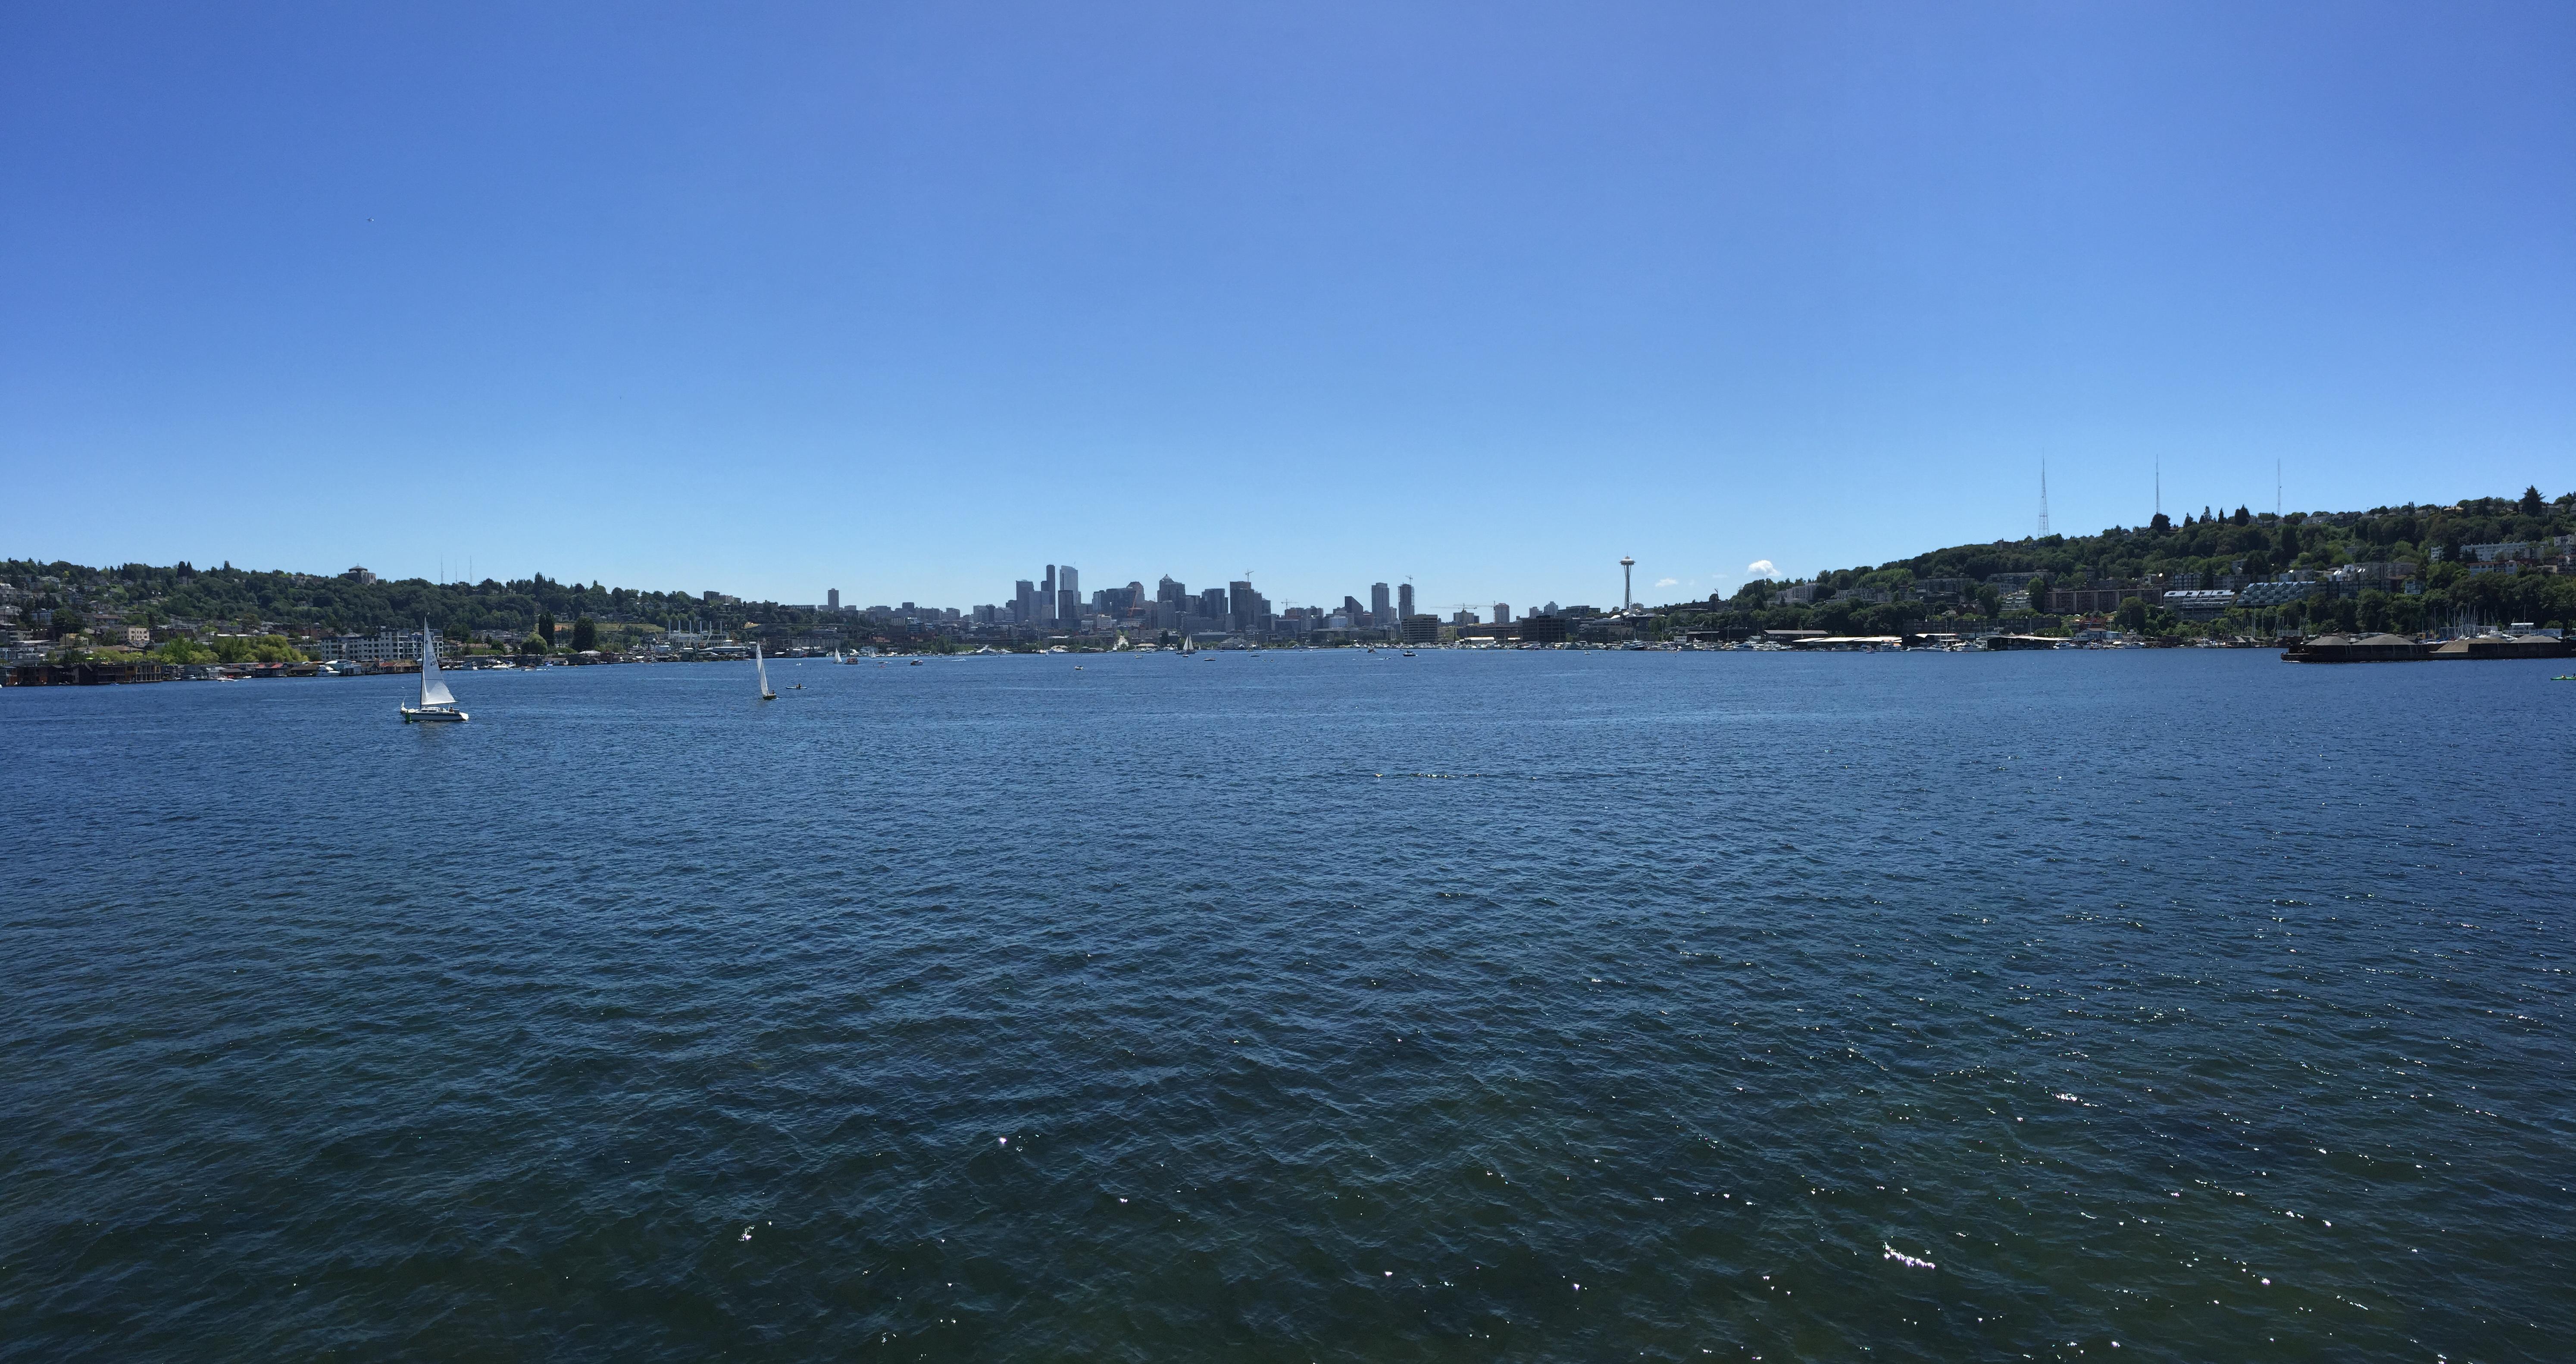 A Few More Seattle Views